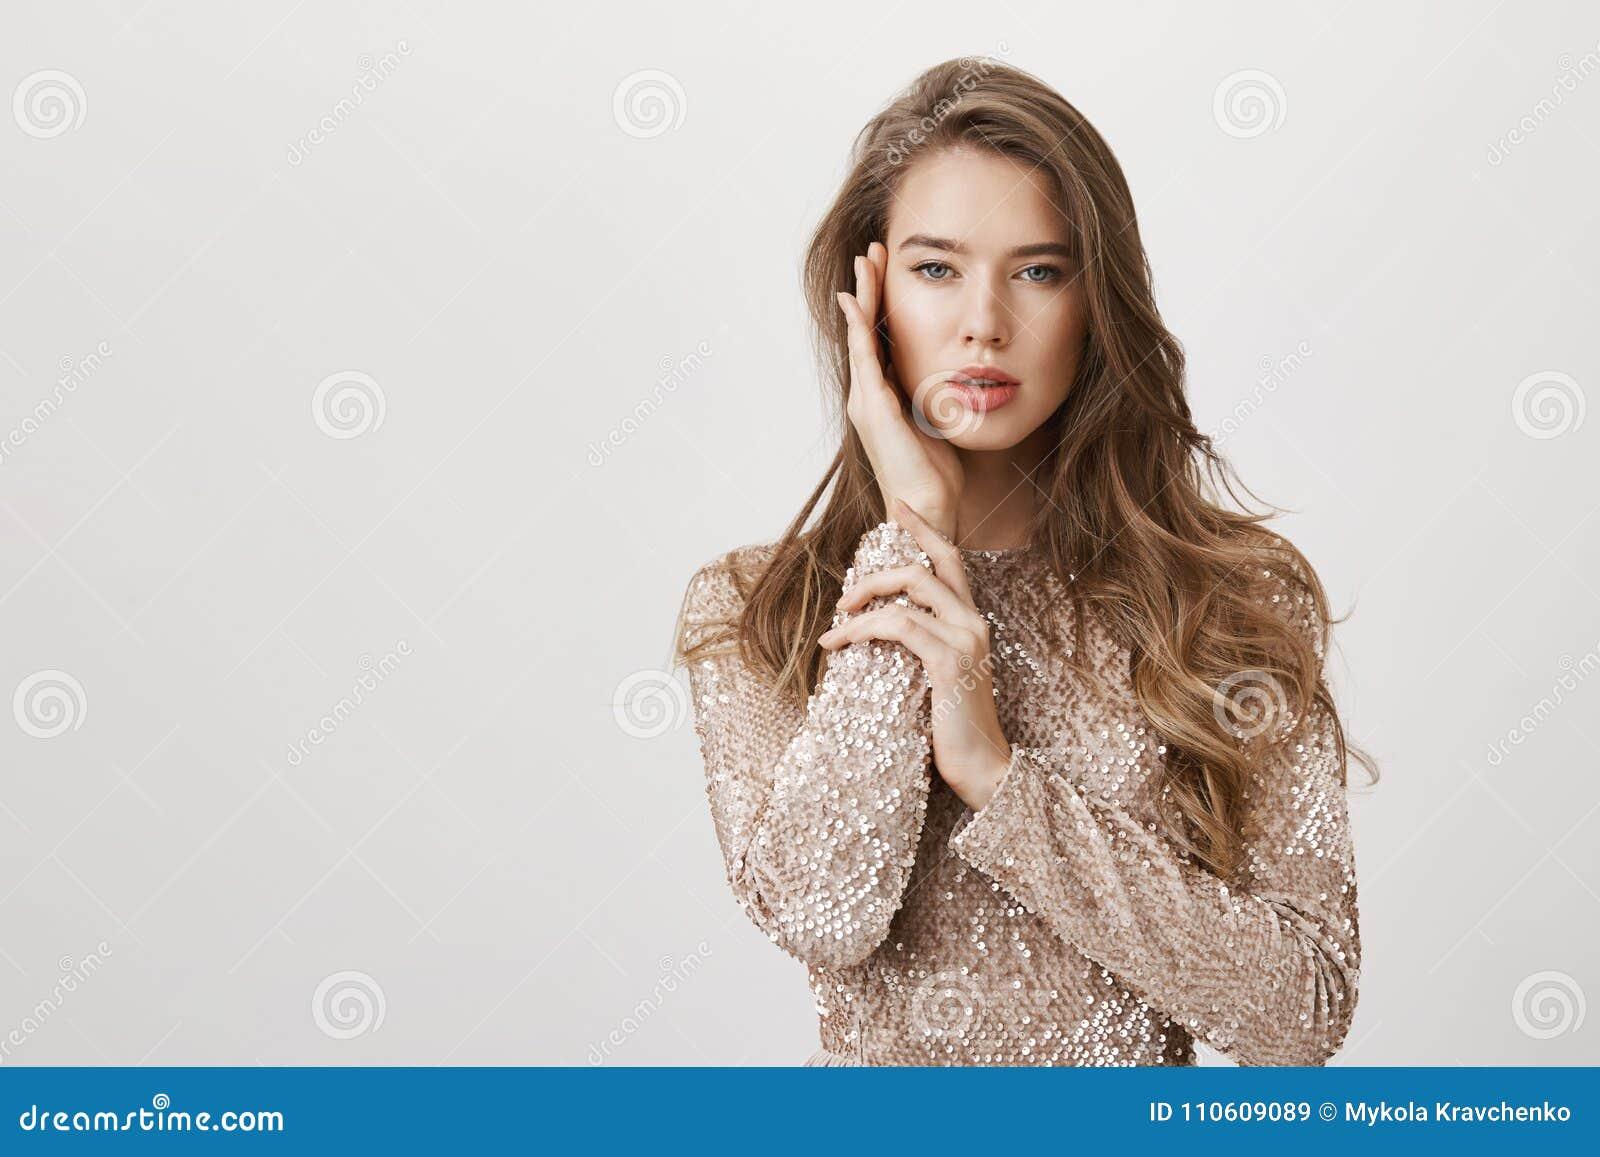 Aantrekkelijke vrouwelijke vrouw met mooi lang haar die zich in modieuze avondjurk, zacht wat betreft gezicht bevinden alsof